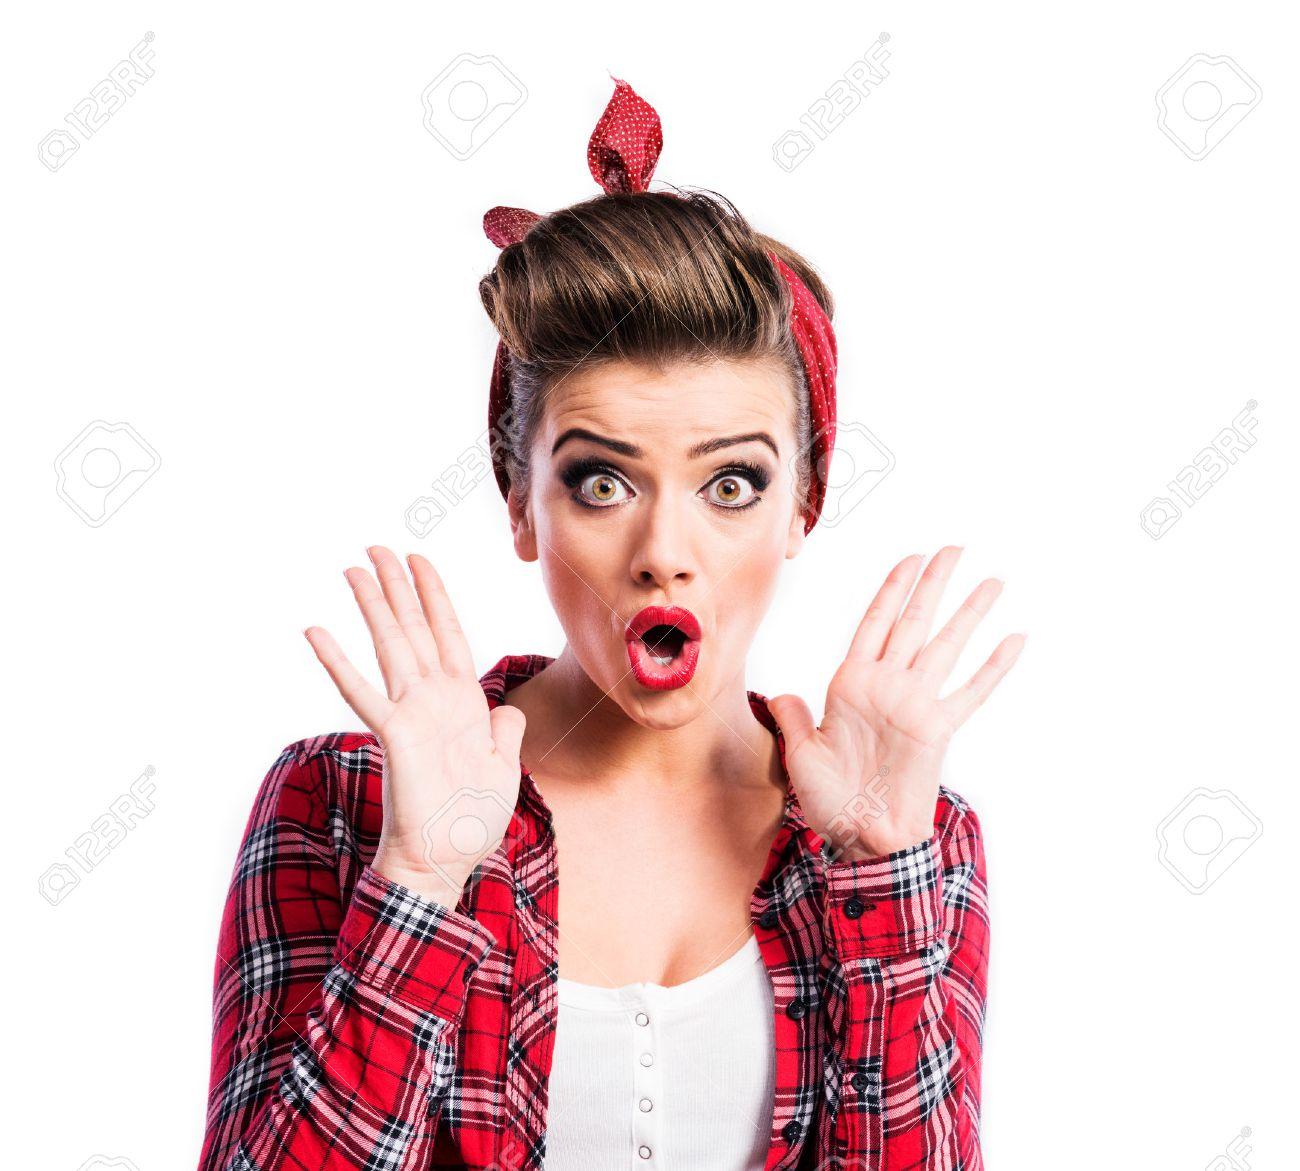 Schone Junge Frau Mit Pin Up Make Up Und Frisur Studio Schuss Auf